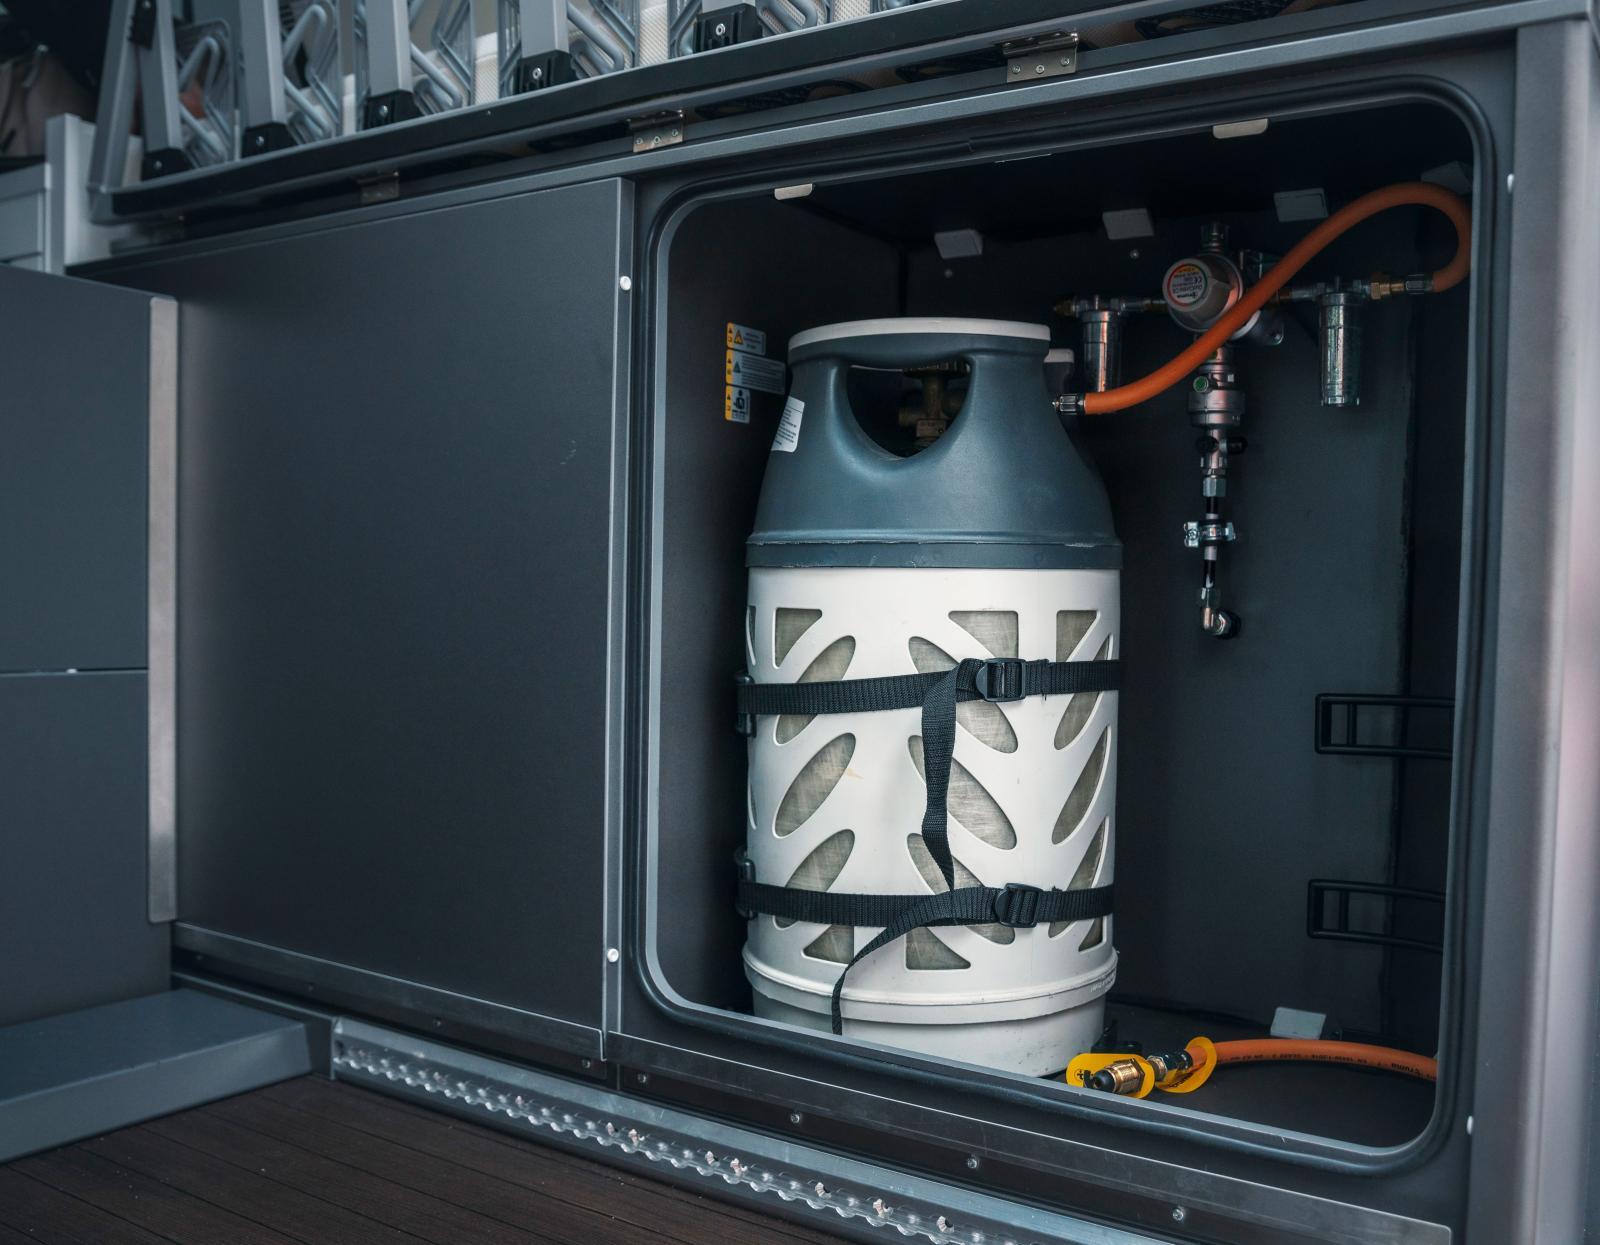 Två stora elvakilos (P11) gasbehållare ryms. Krocksensor och duokoppling ingår.